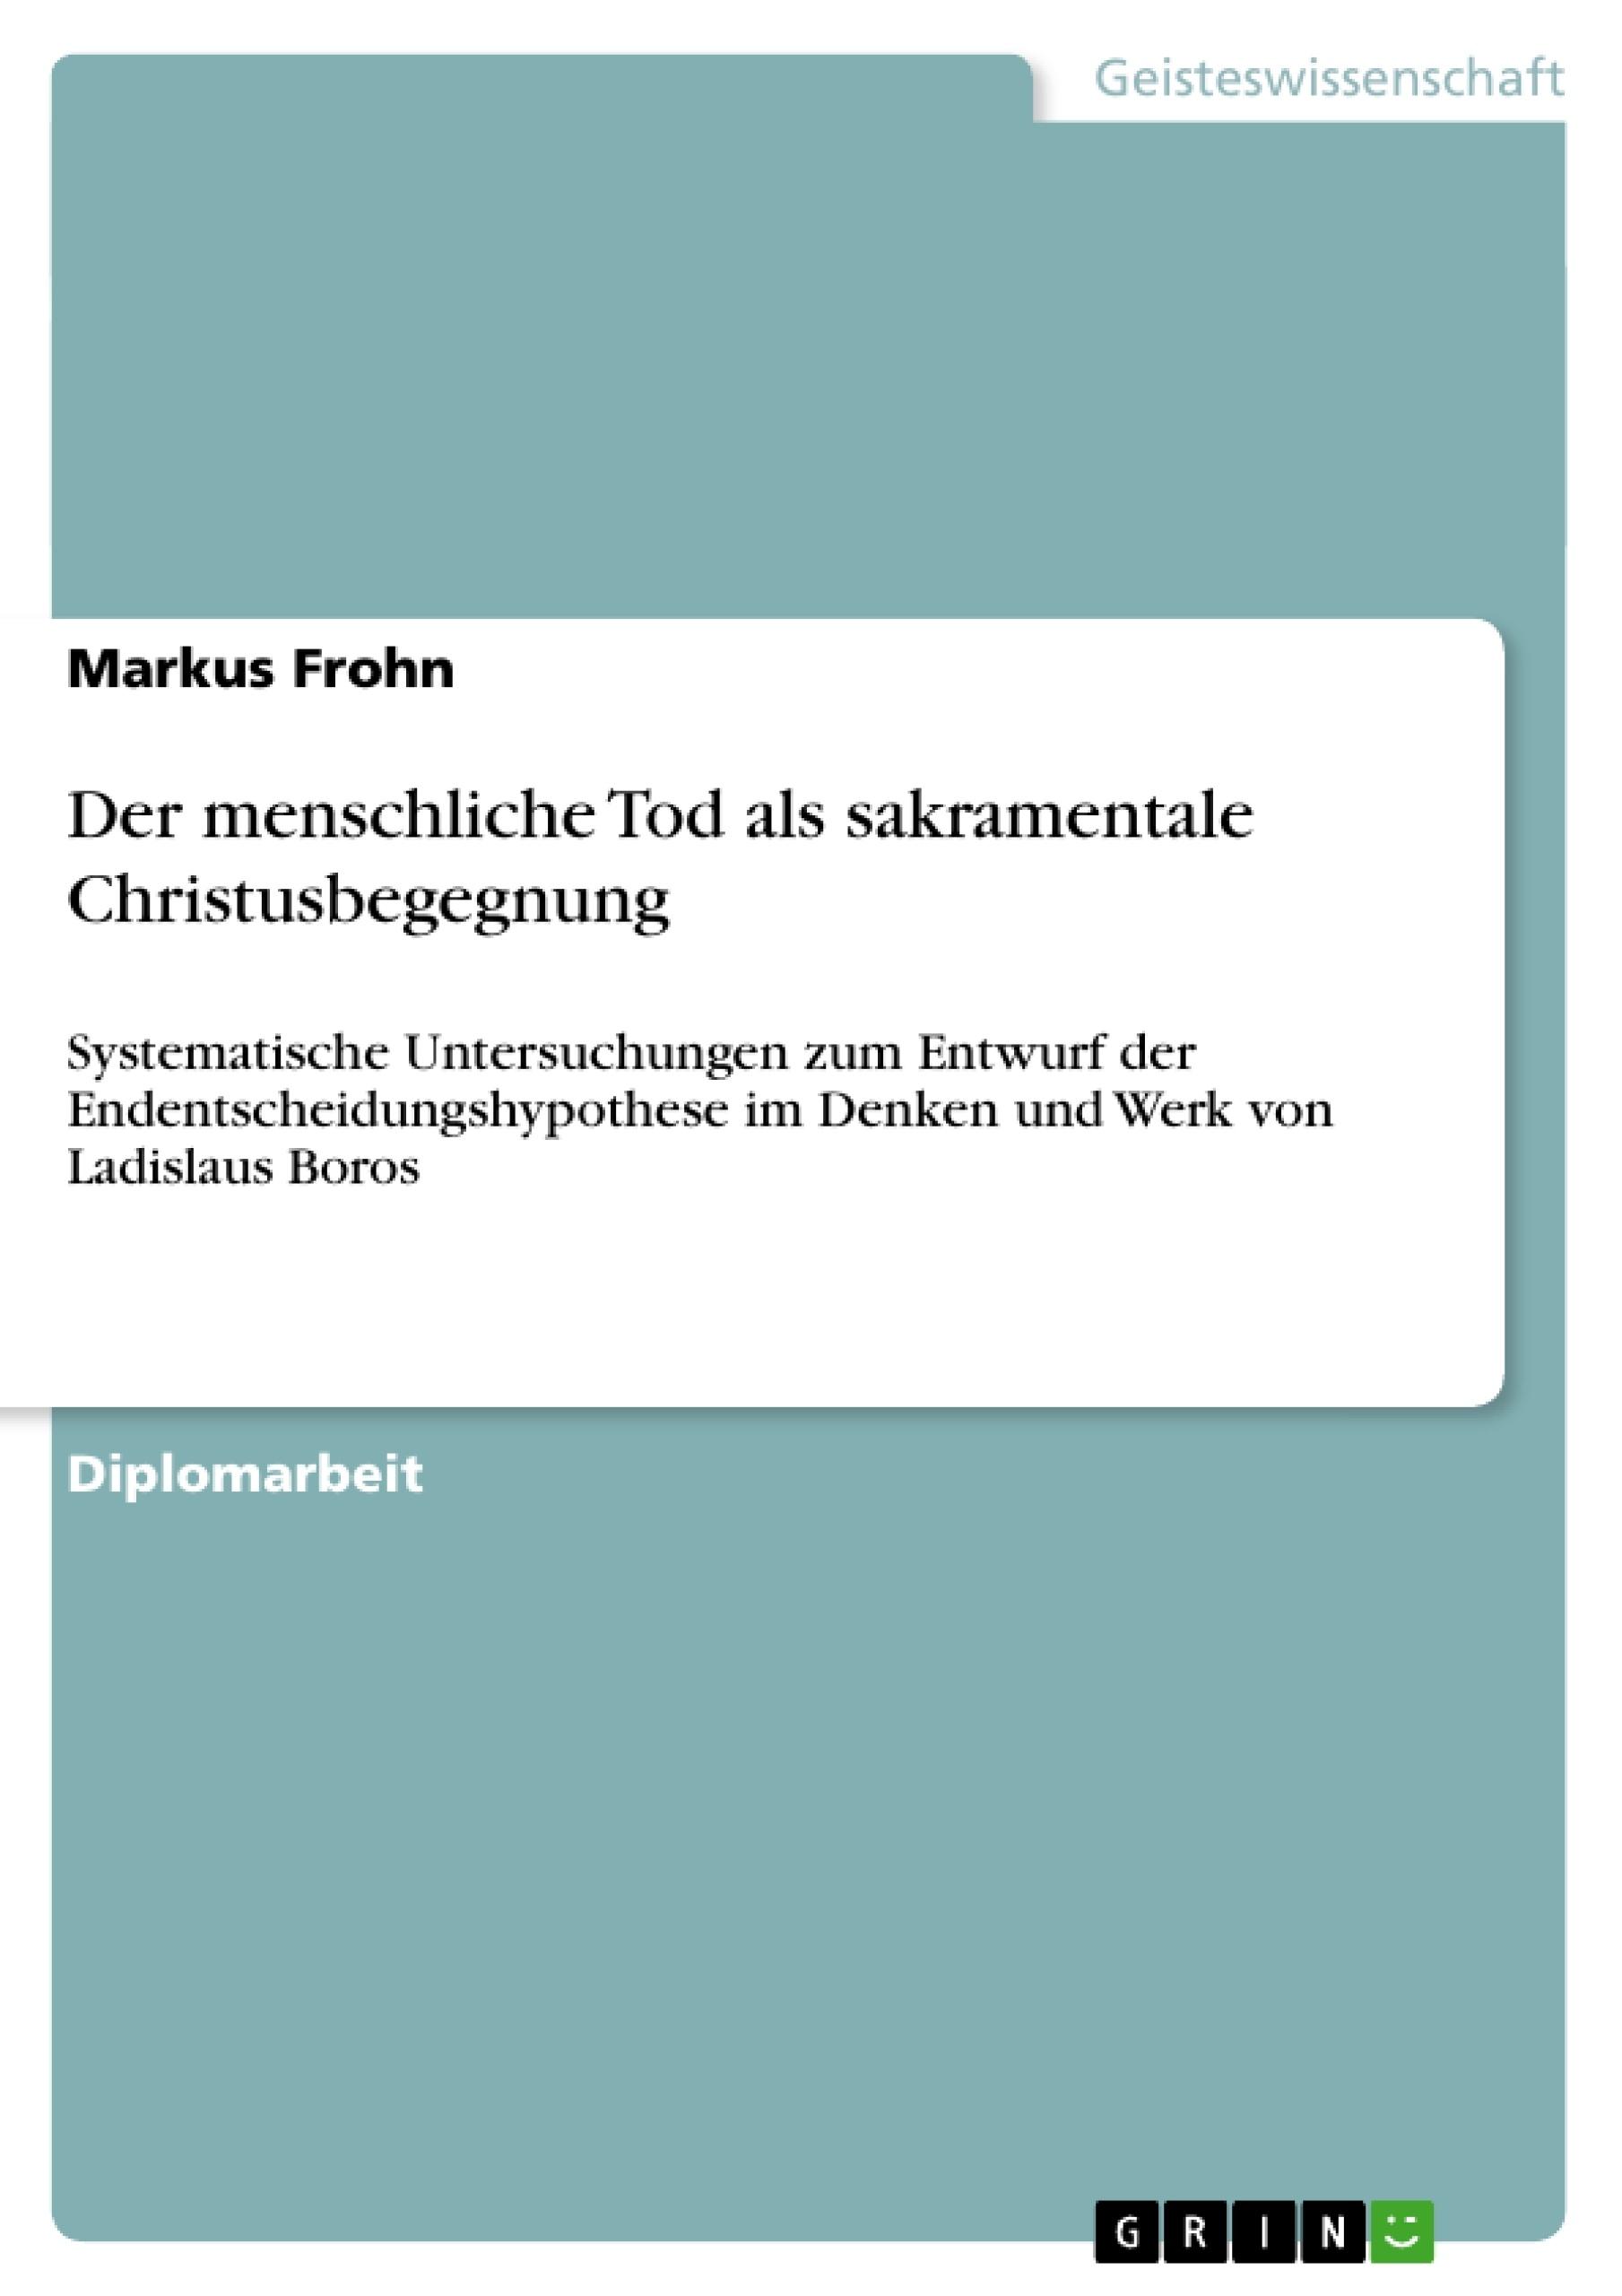 Titel: Der menschliche Tod als sakramentale Christusbegegnung